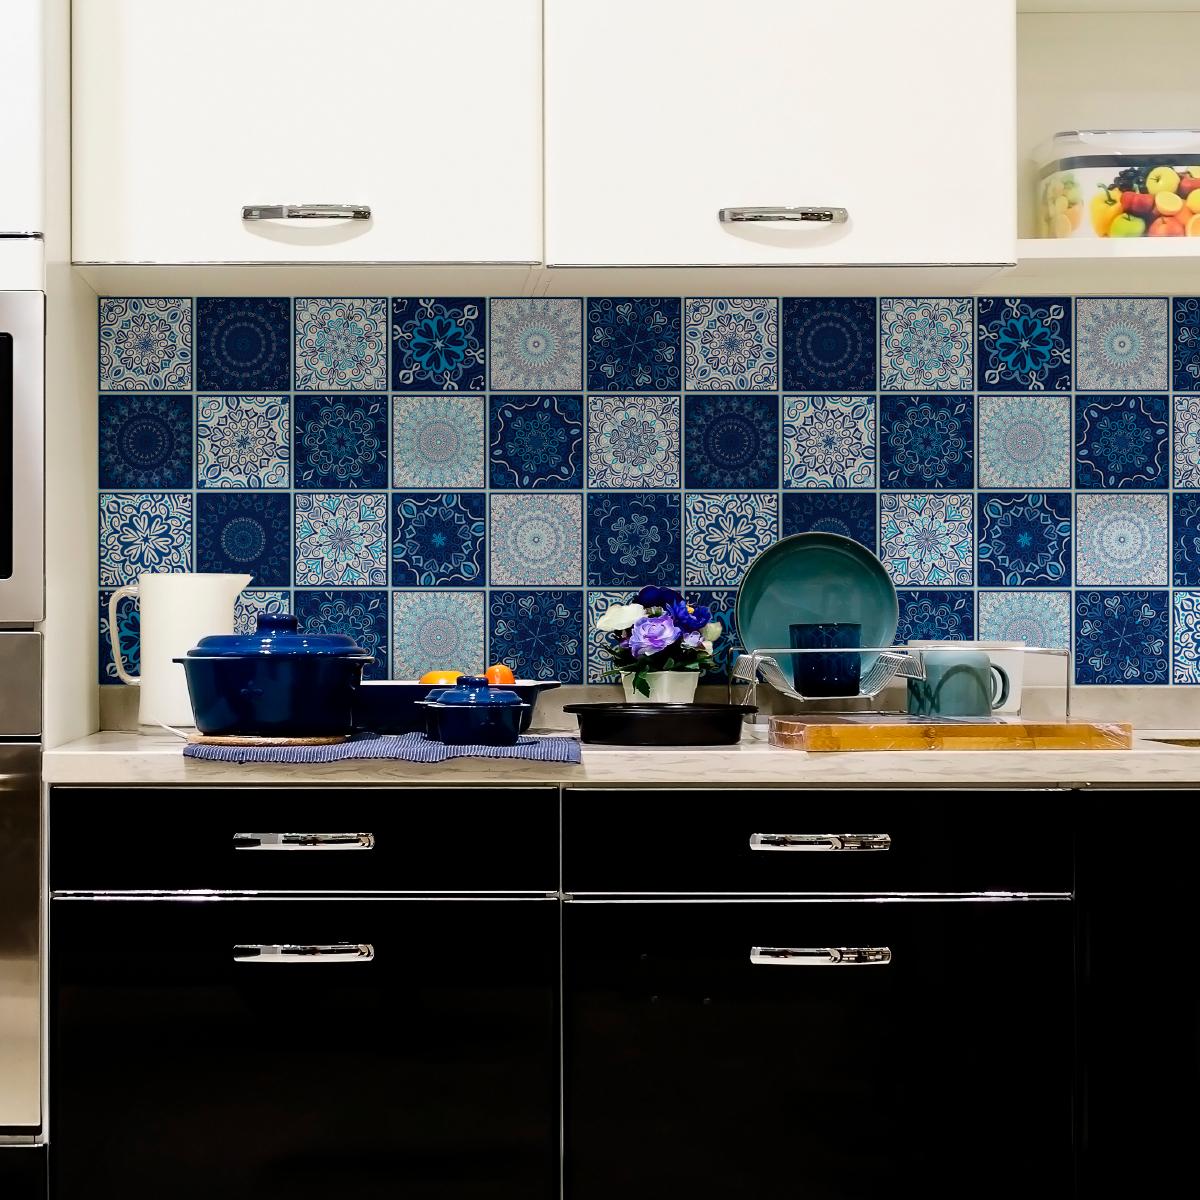 24 stickers carreaux de ciment boh me chaak cuisine carrelages ambiance sticker. Black Bedroom Furniture Sets. Home Design Ideas